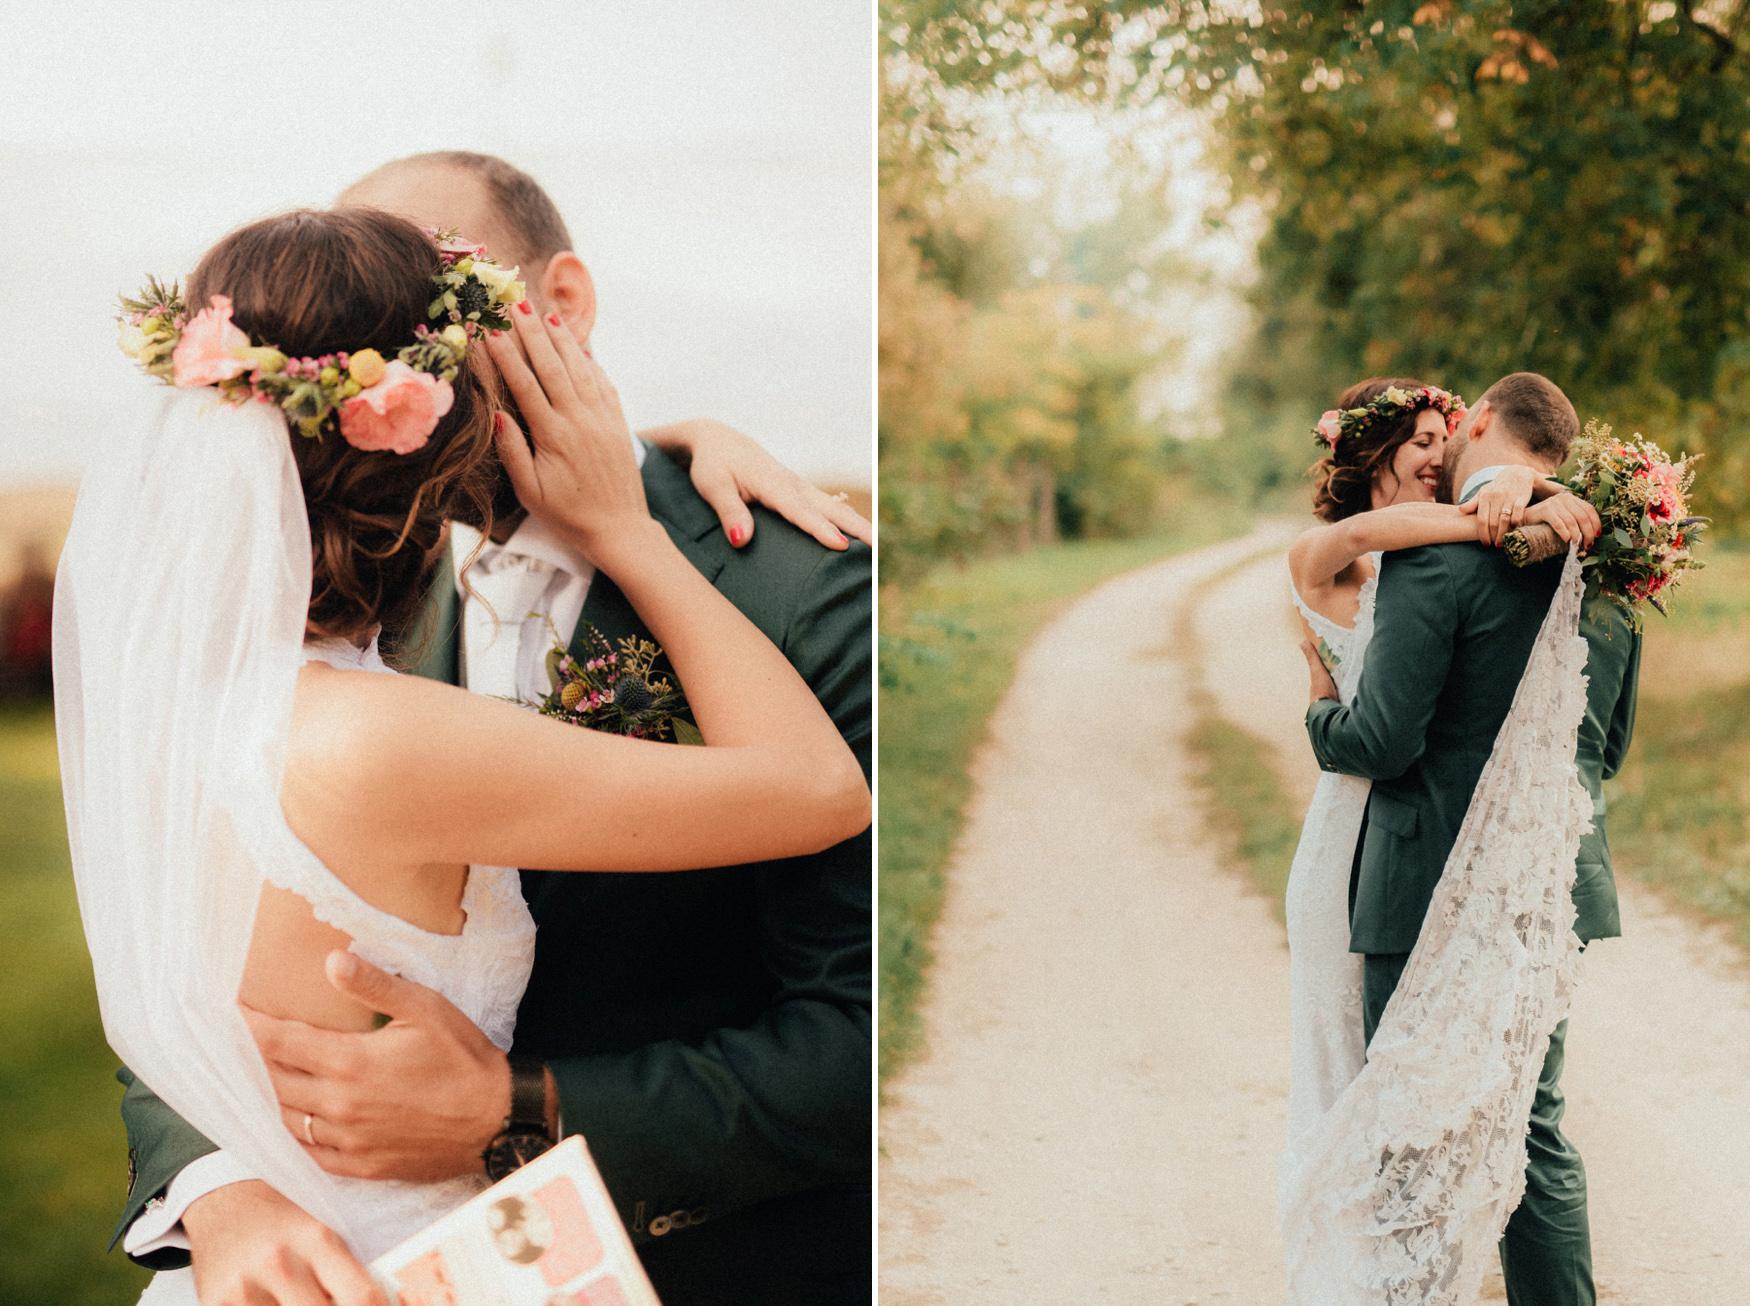 2 rustic summer outdoor wedding 002.jpg